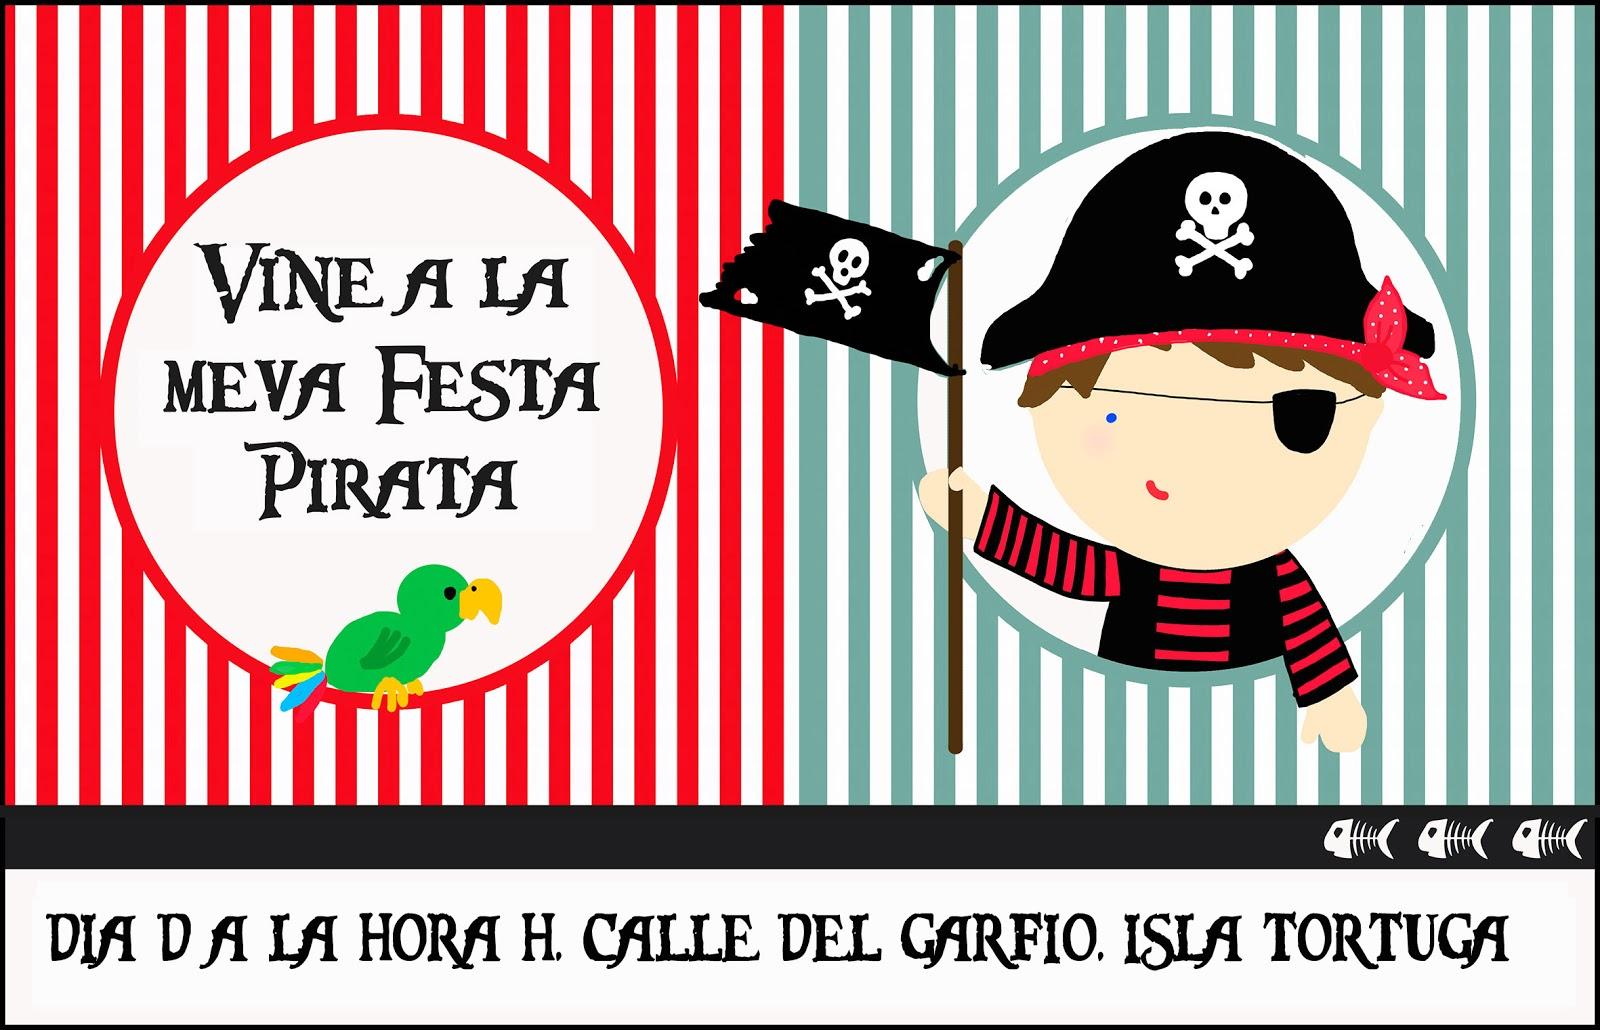 De puntadas y otros enredos: Fiesta pirata